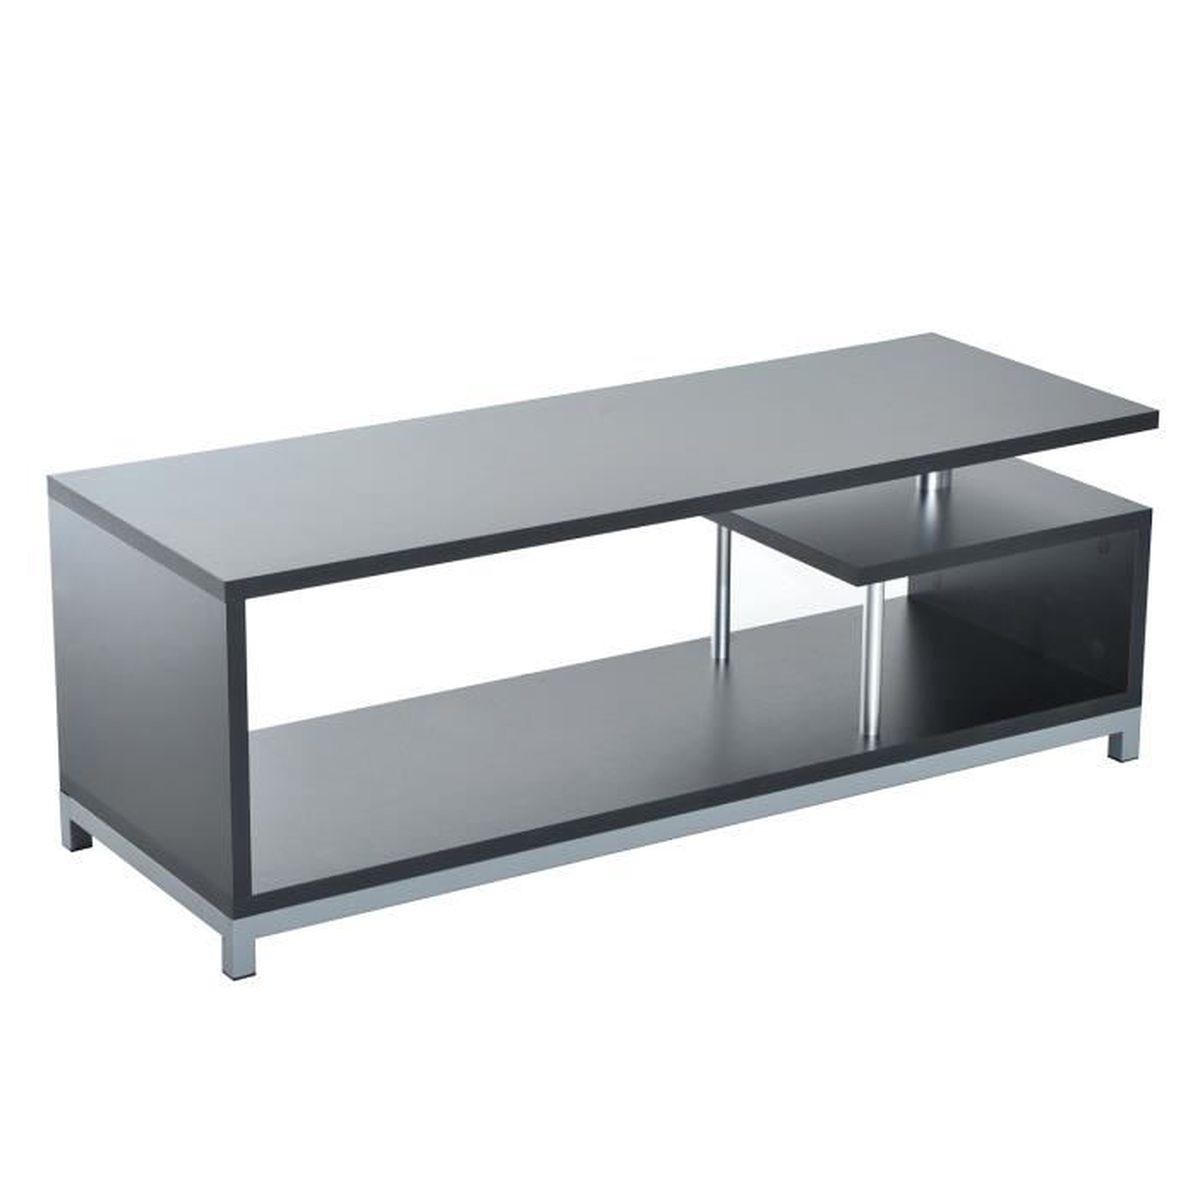 Meuble tv table moderne haute brillance avec pieds 114l x for Meuble table